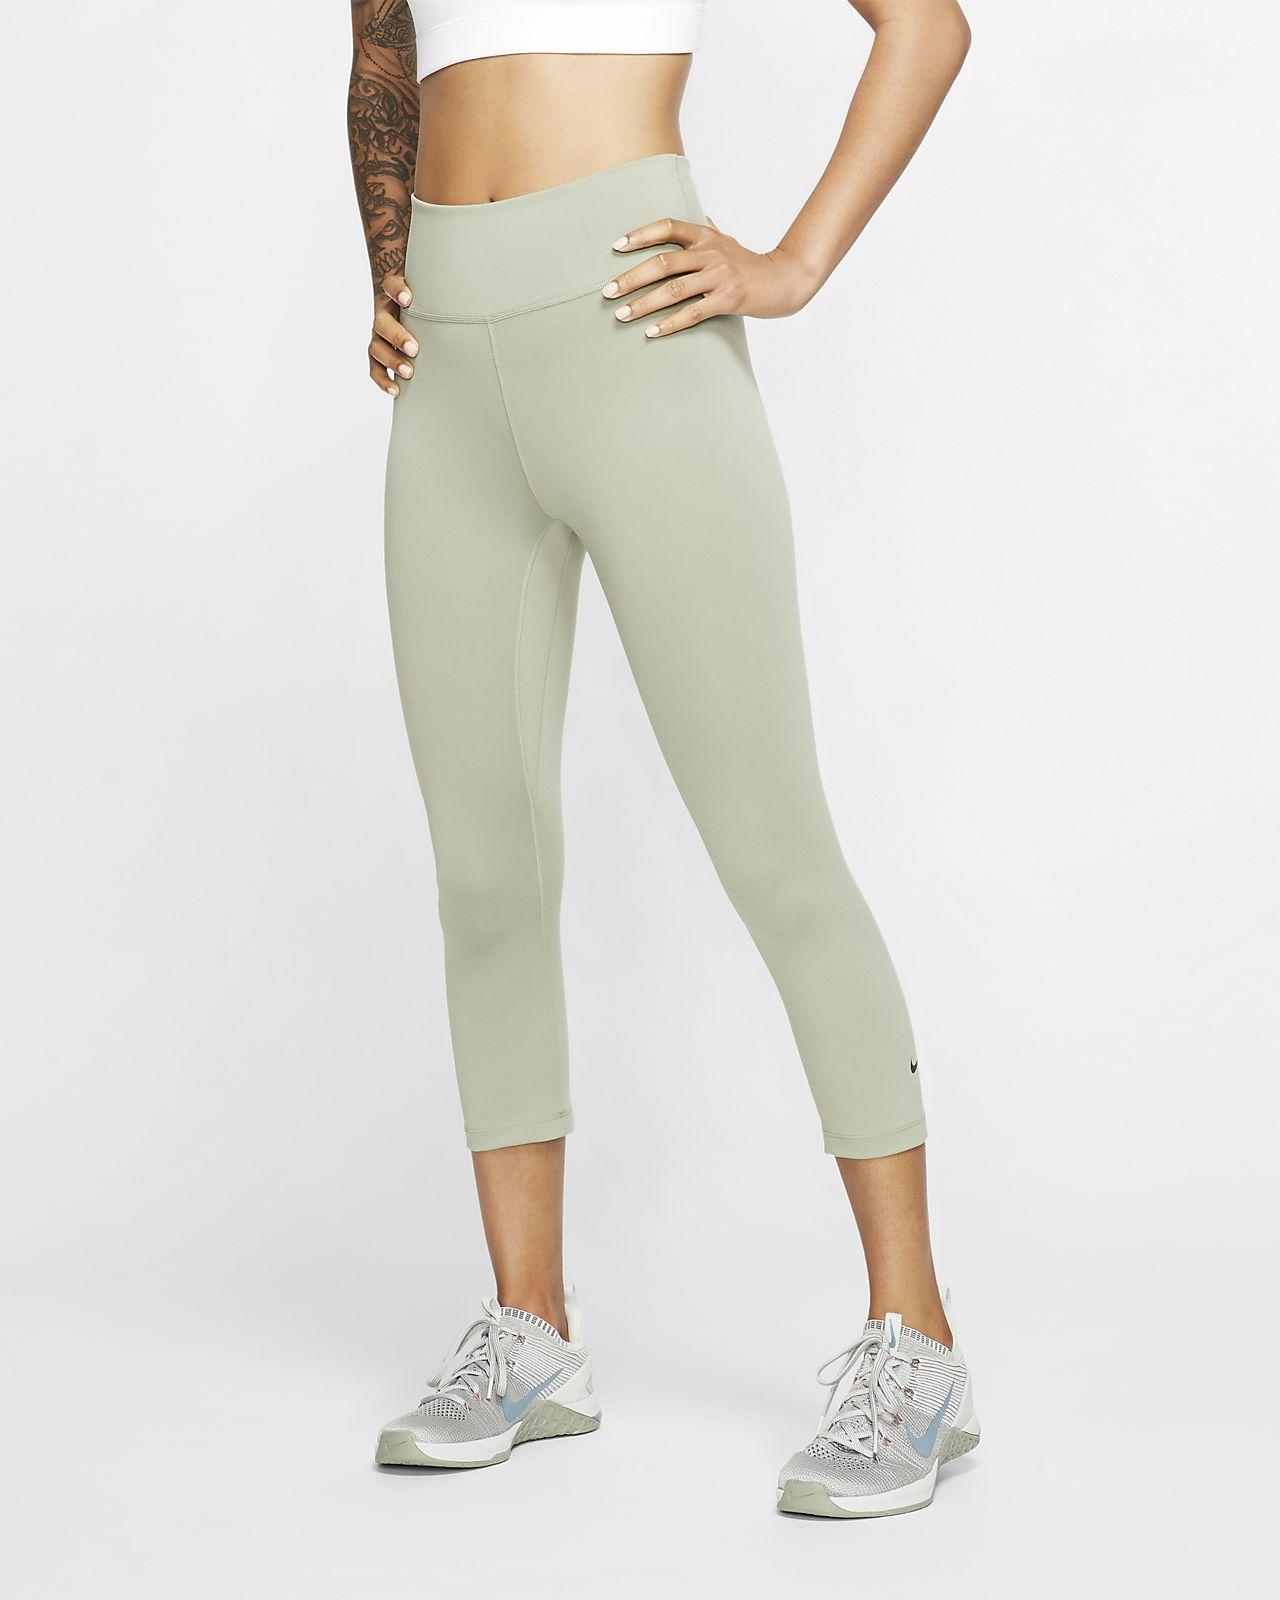 Capris Nike One para mulher